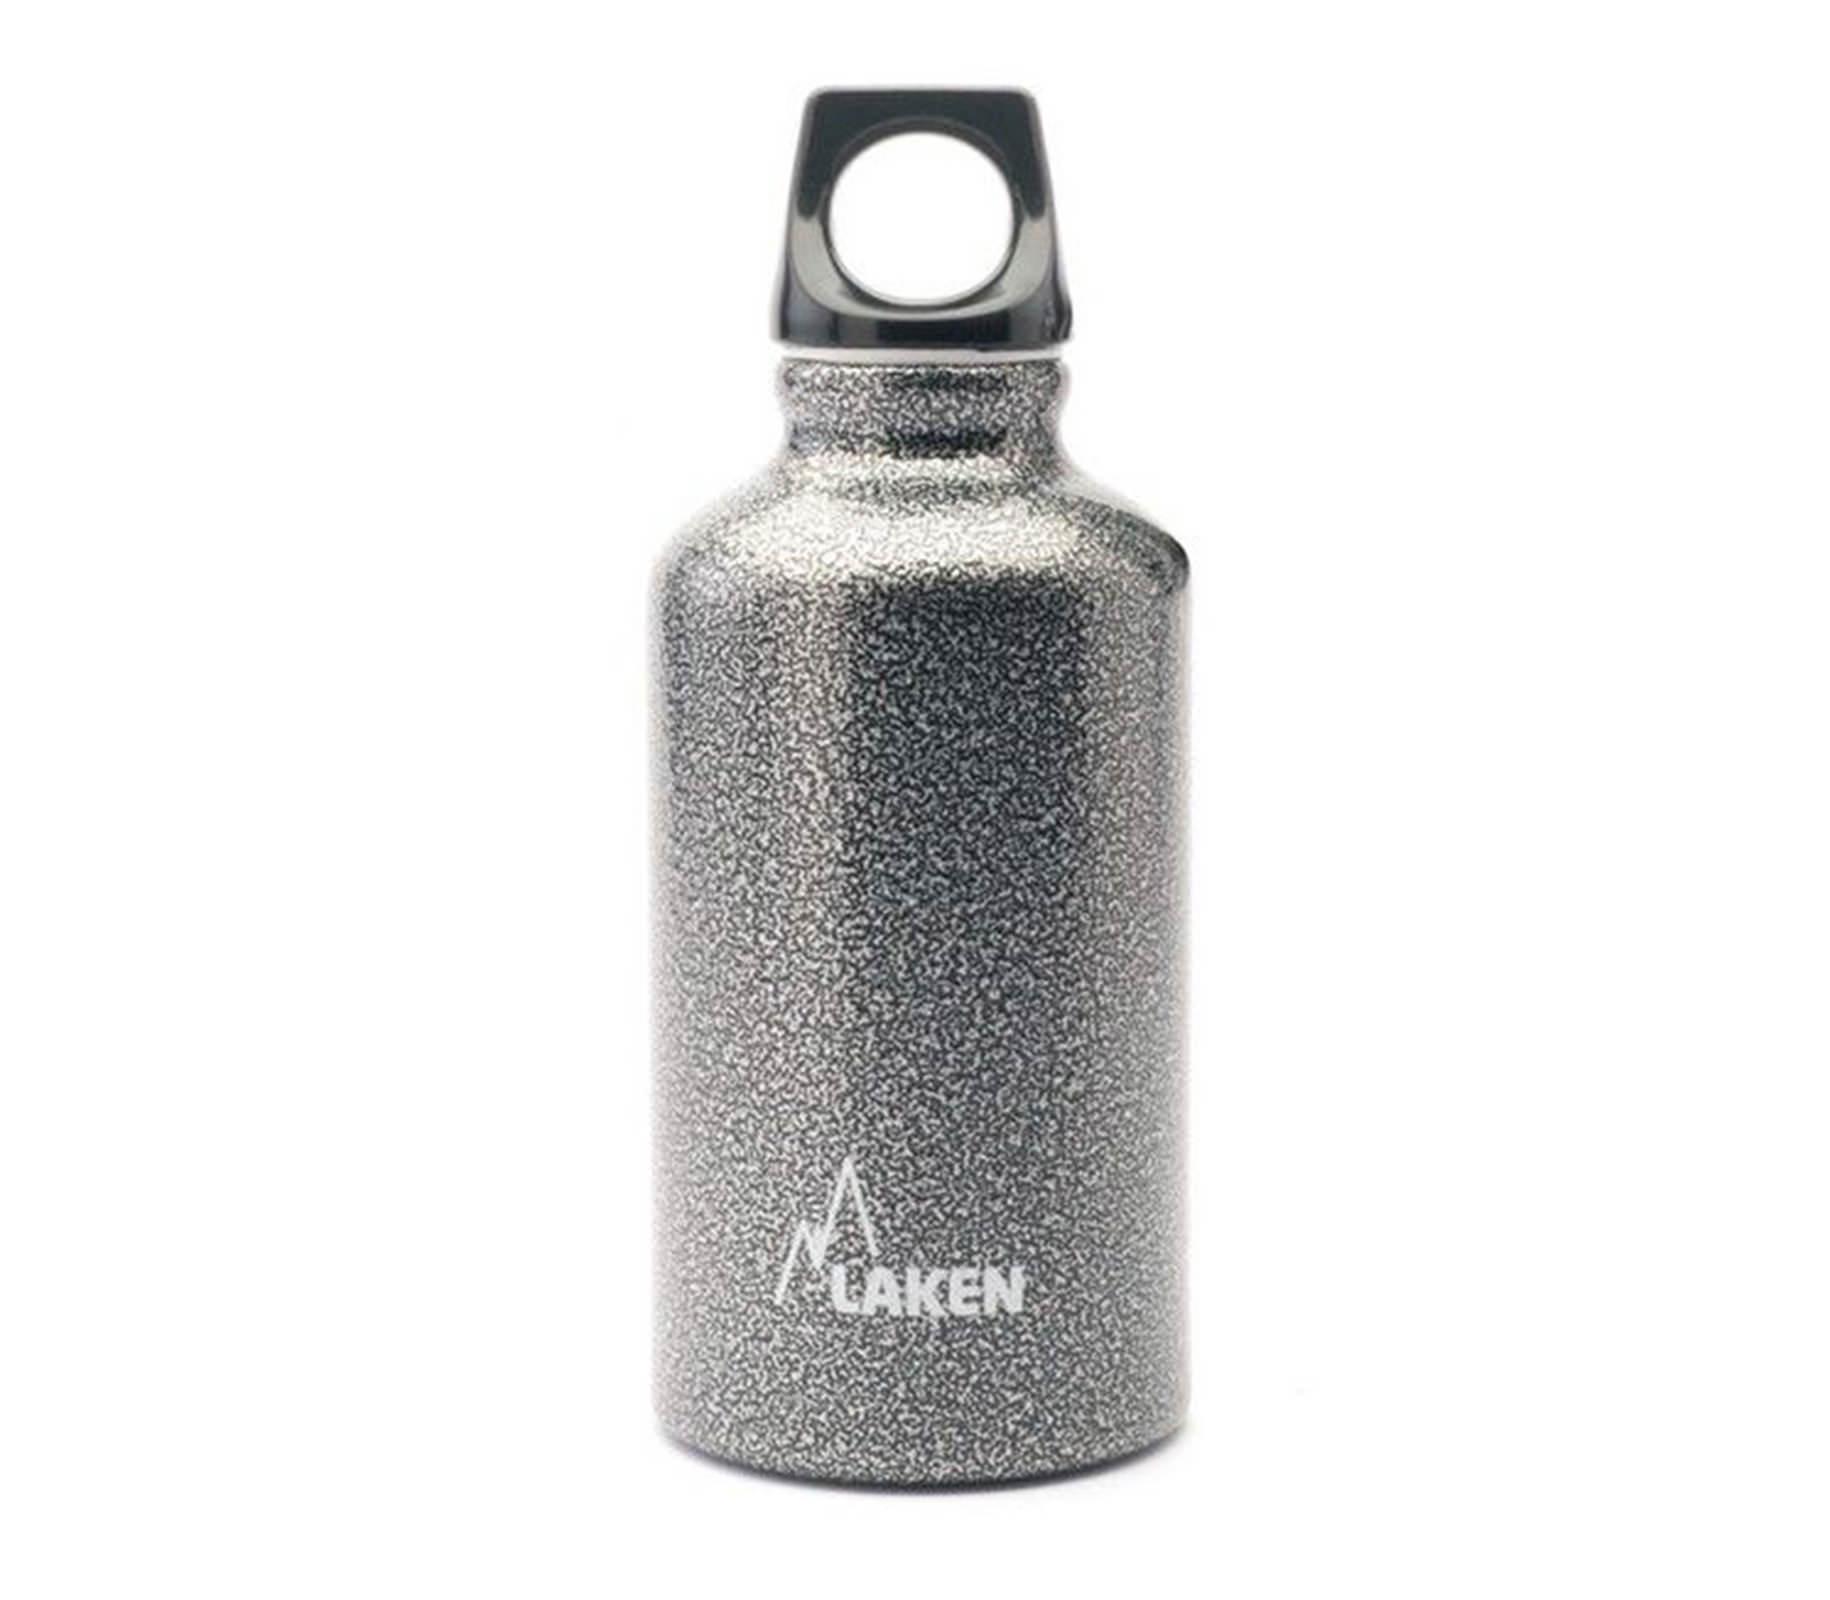 Bình nước LAKEN Aluminium Futura 350ml - Xám granite